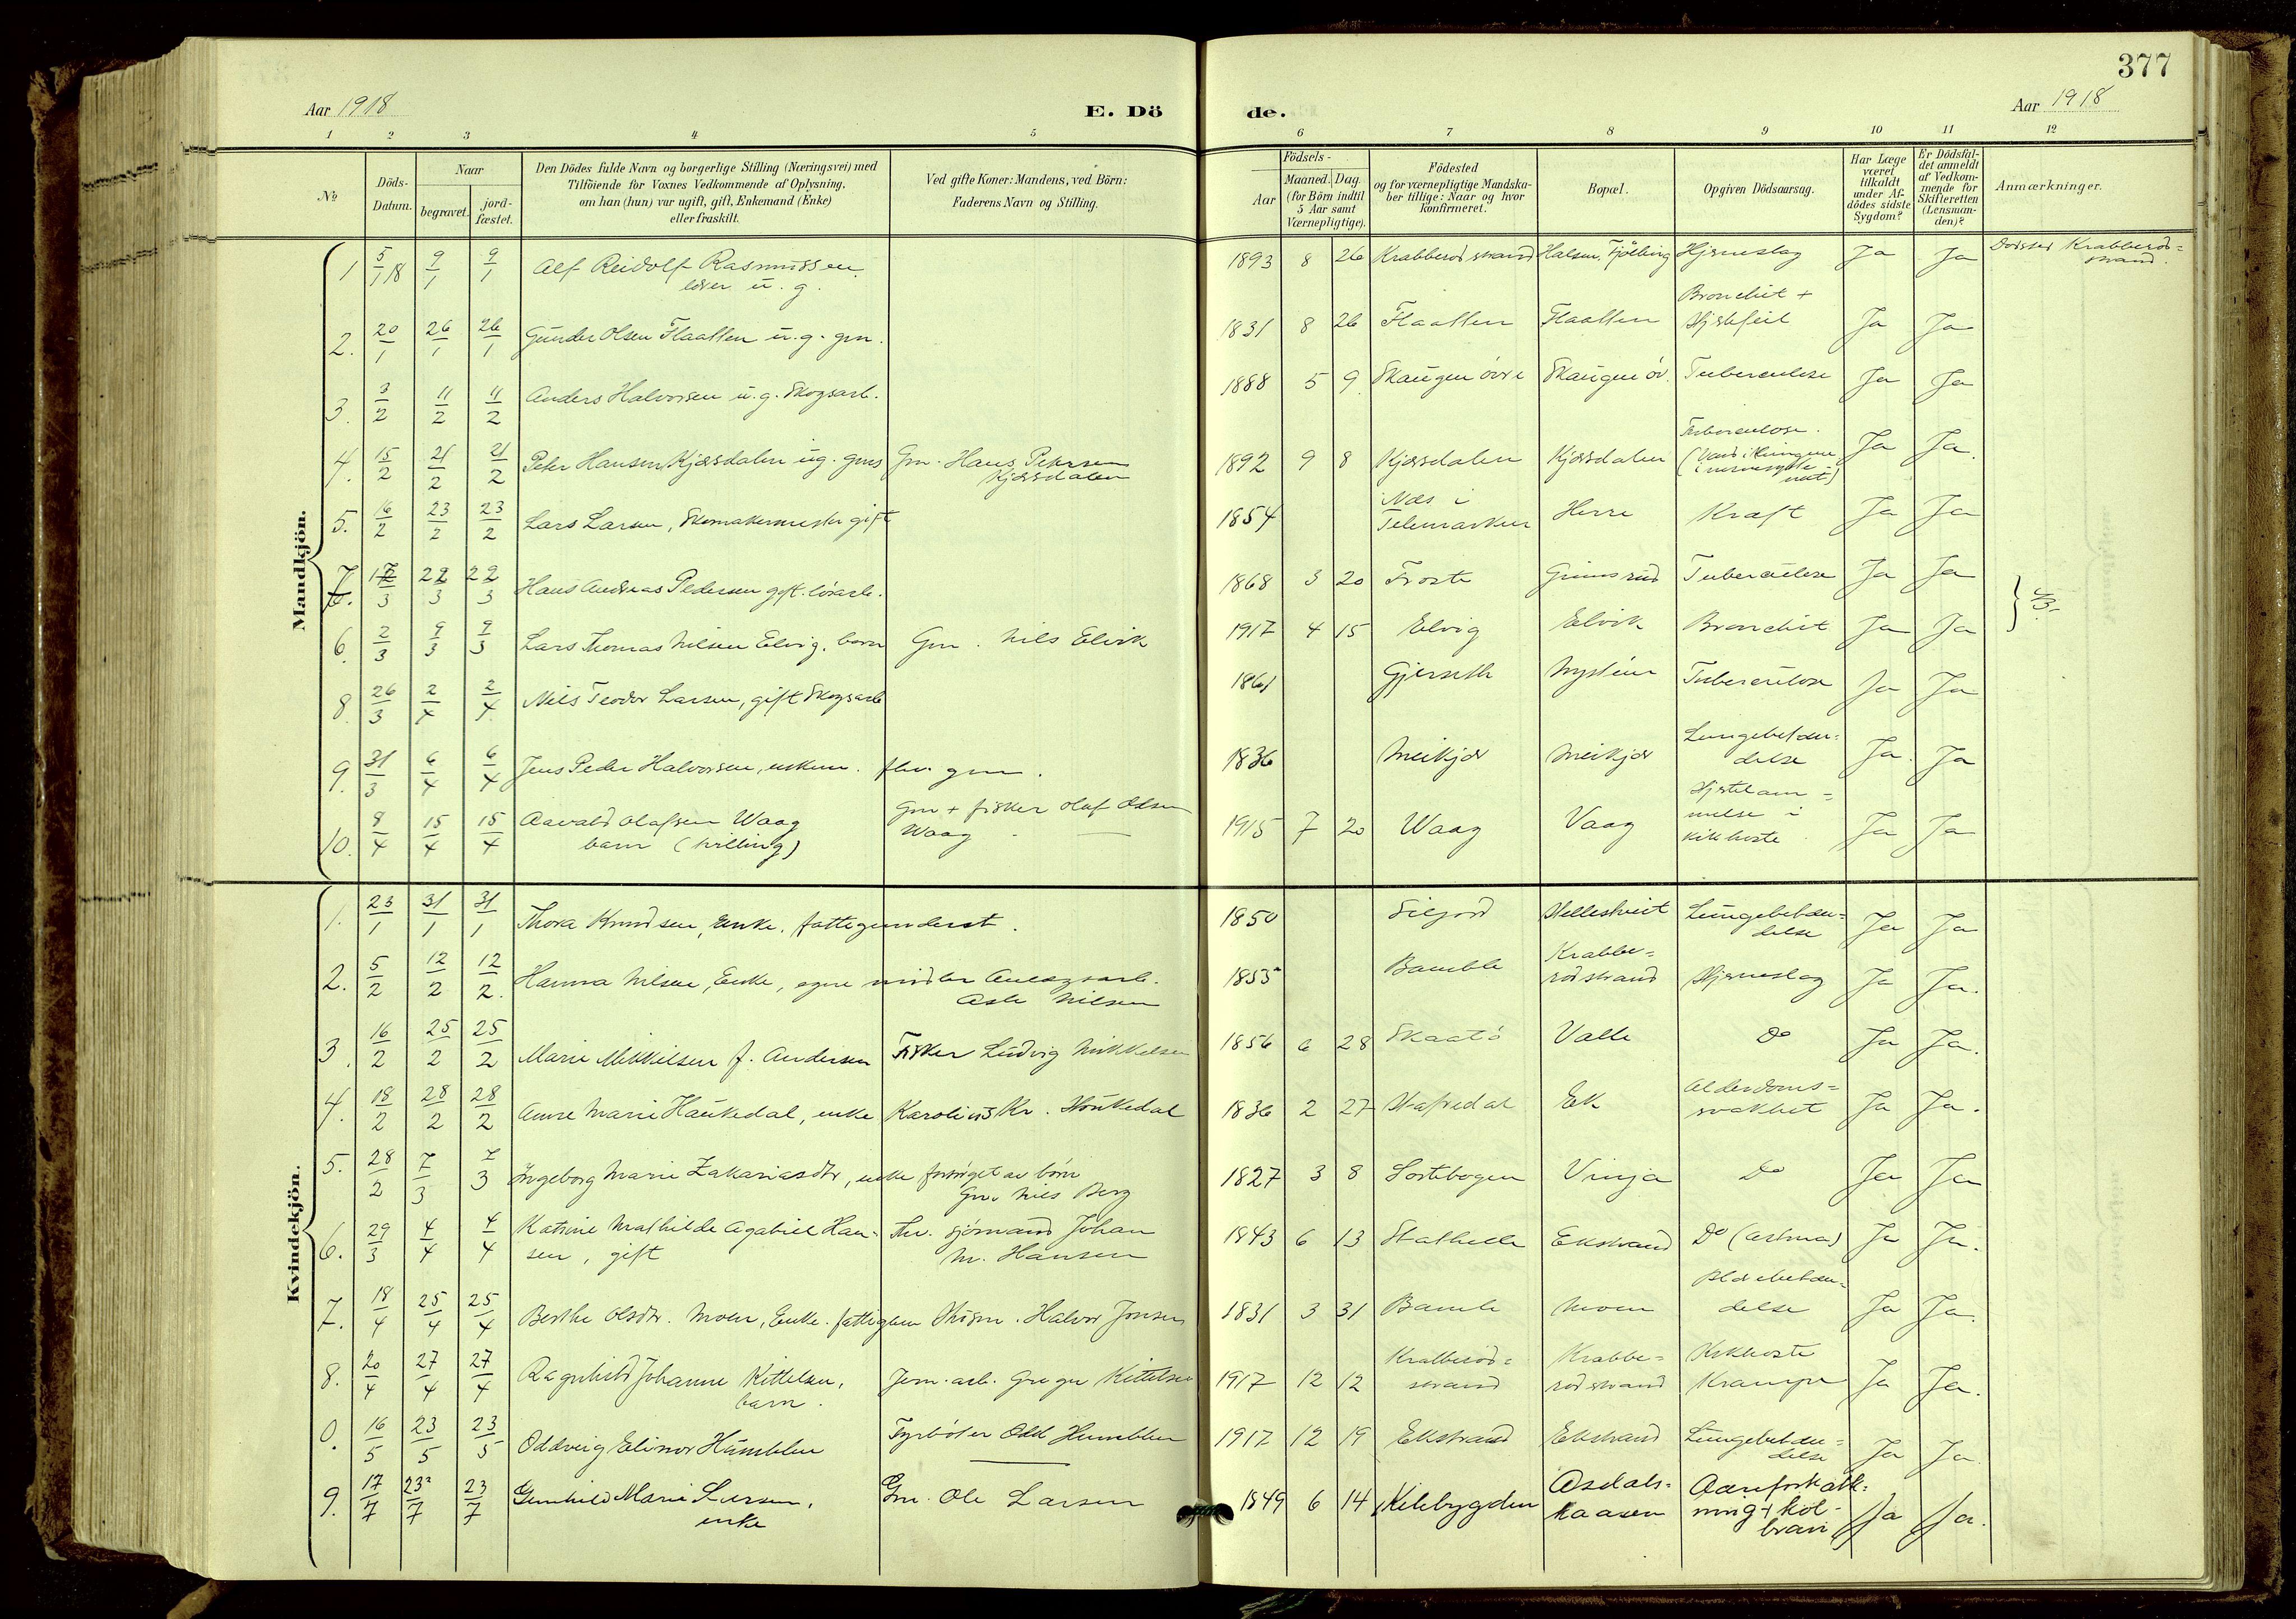 SAKO, Bamble kirkebøker, G/Ga/L0010: Klokkerbok nr. I 10, 1901-1919, s. 377